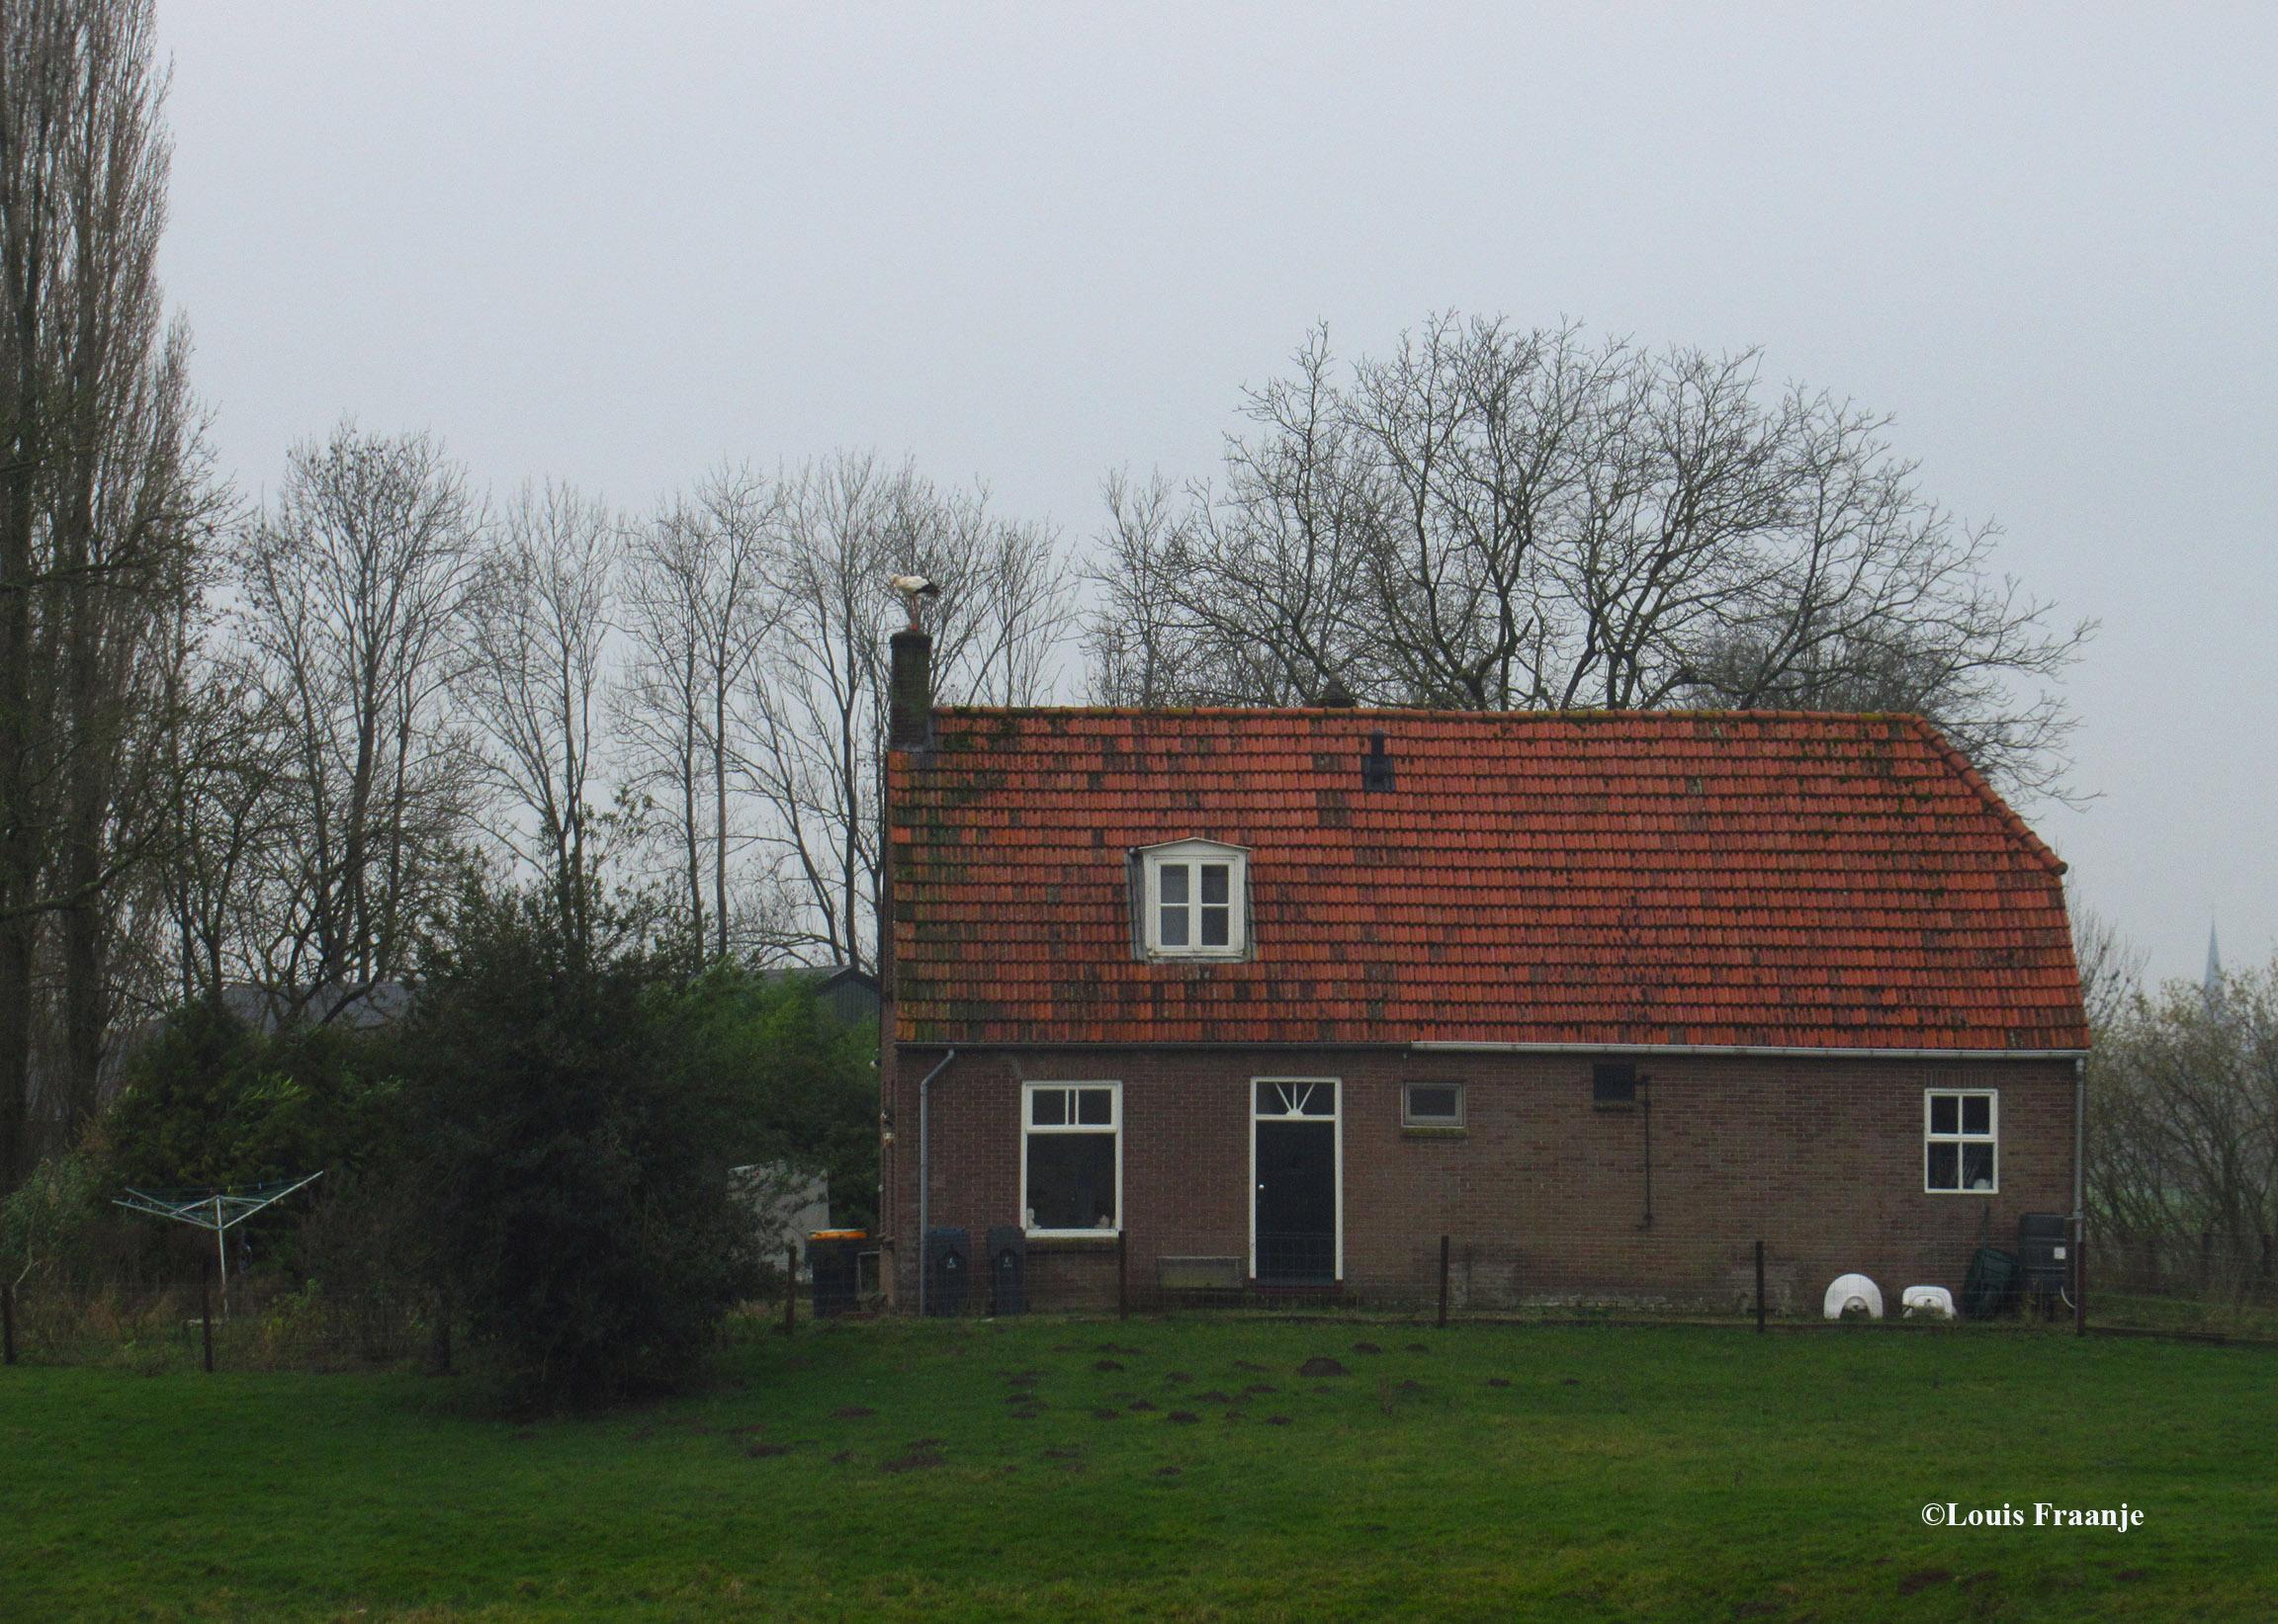 De ooievaar heeft het hogerop gezocht op de schoorsteen van de boerderij - Foto: ©Louis Fraanje